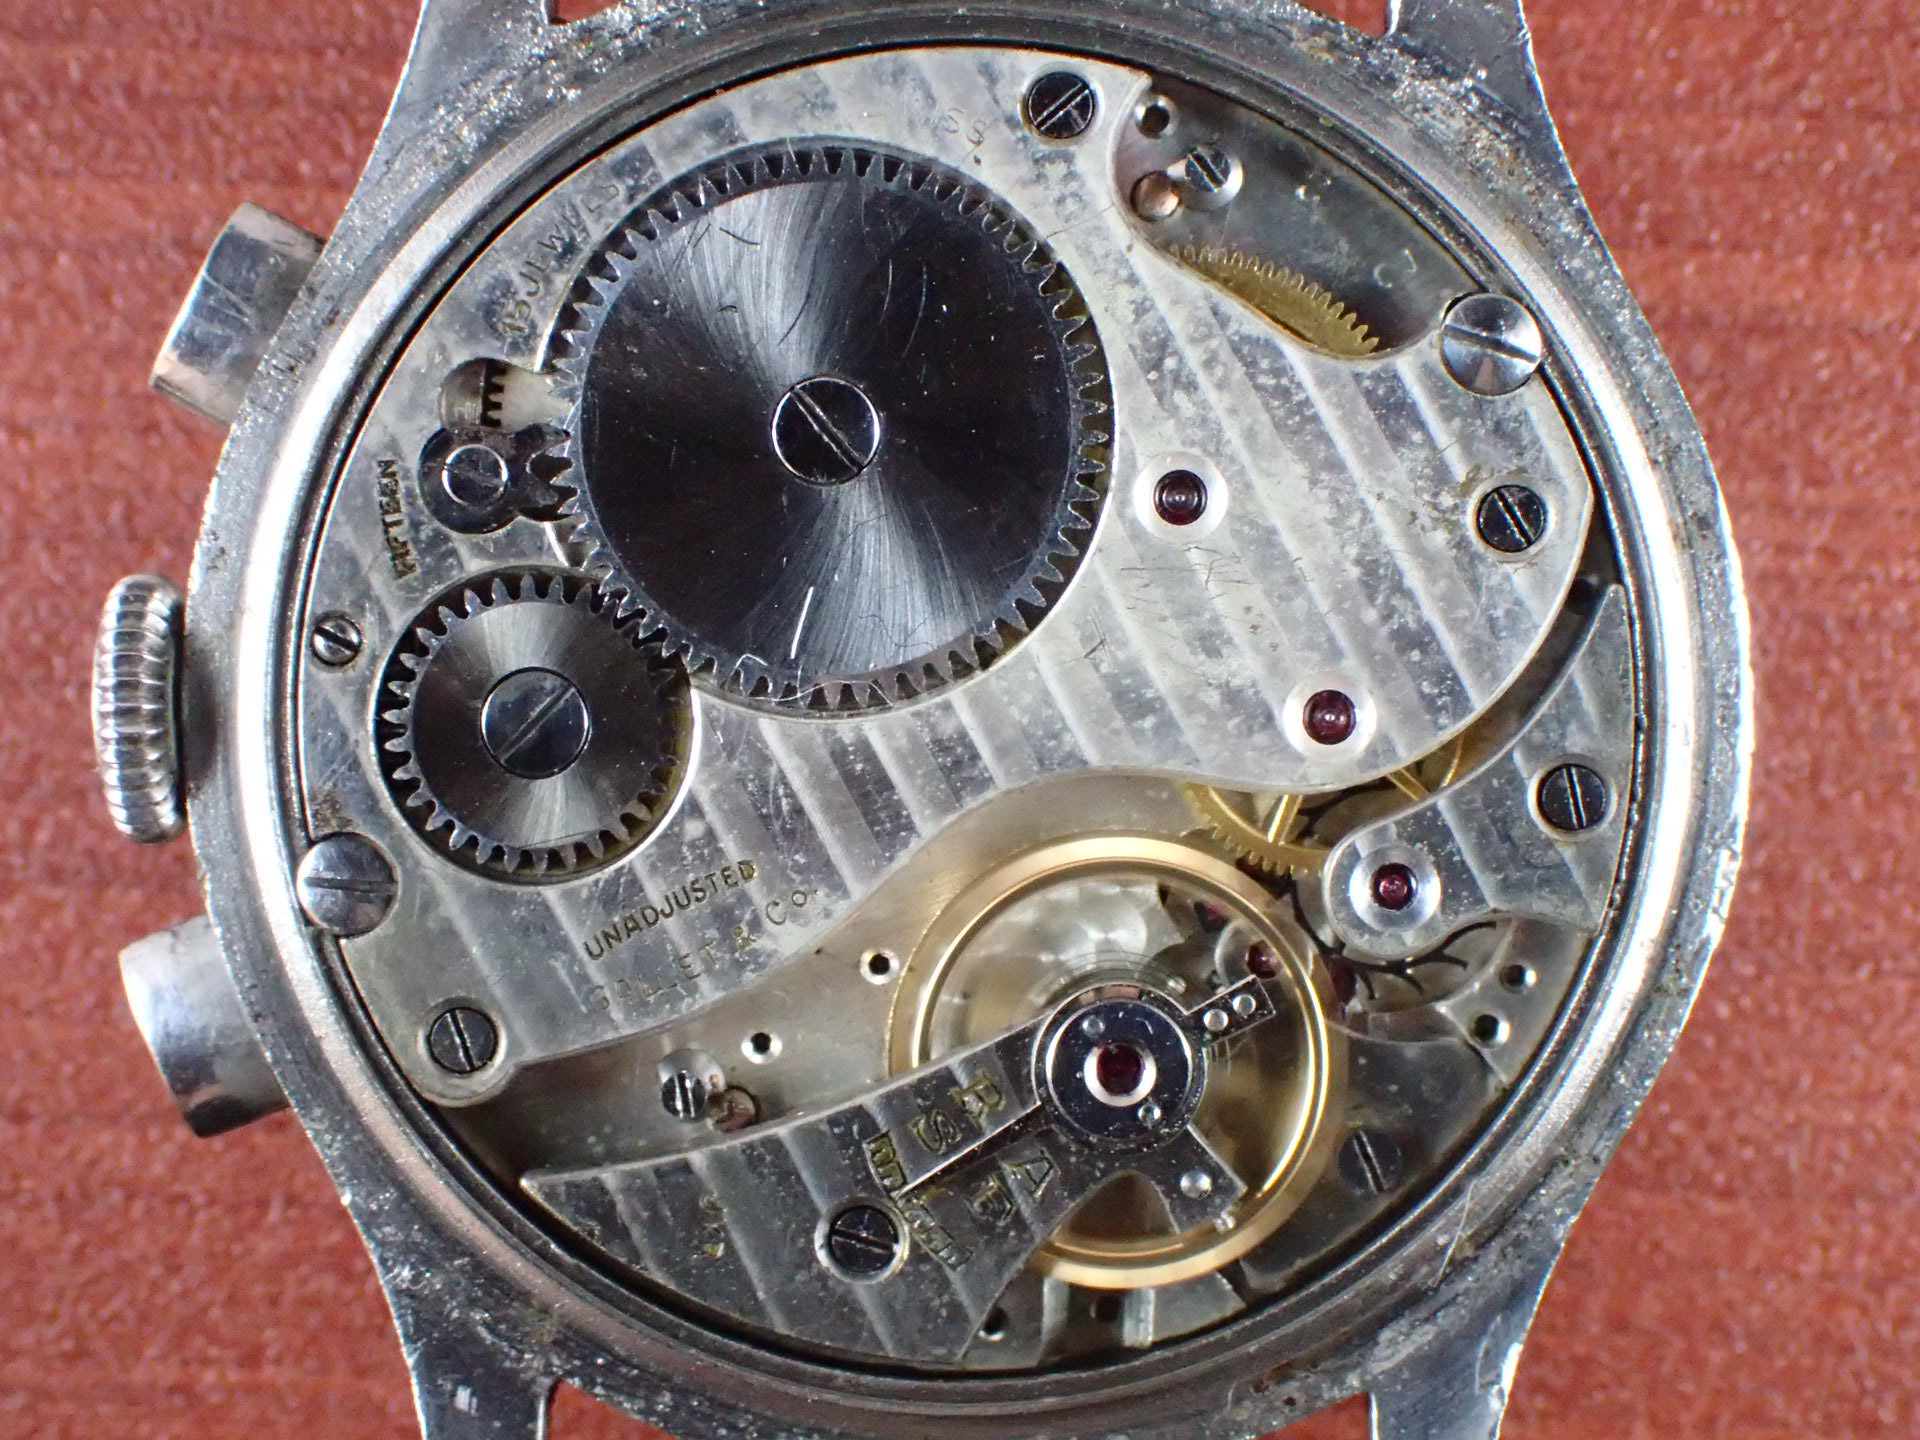 ギャレット マルチクロン レギュレーター ヴィーナス140 タキメーター 1940年代の写真5枚目